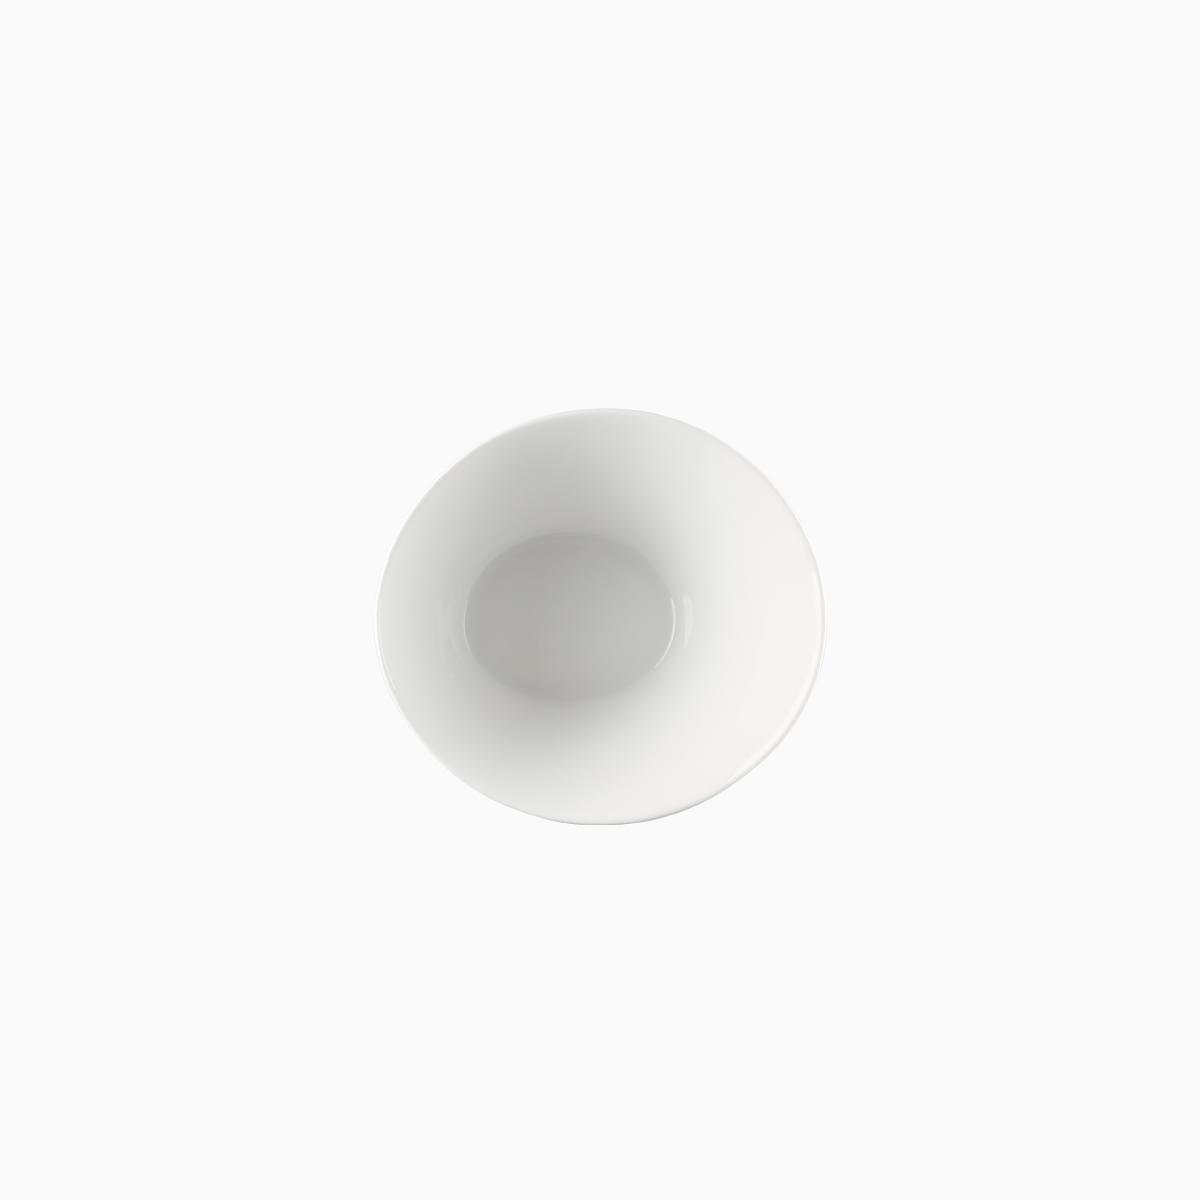 Bowl - E